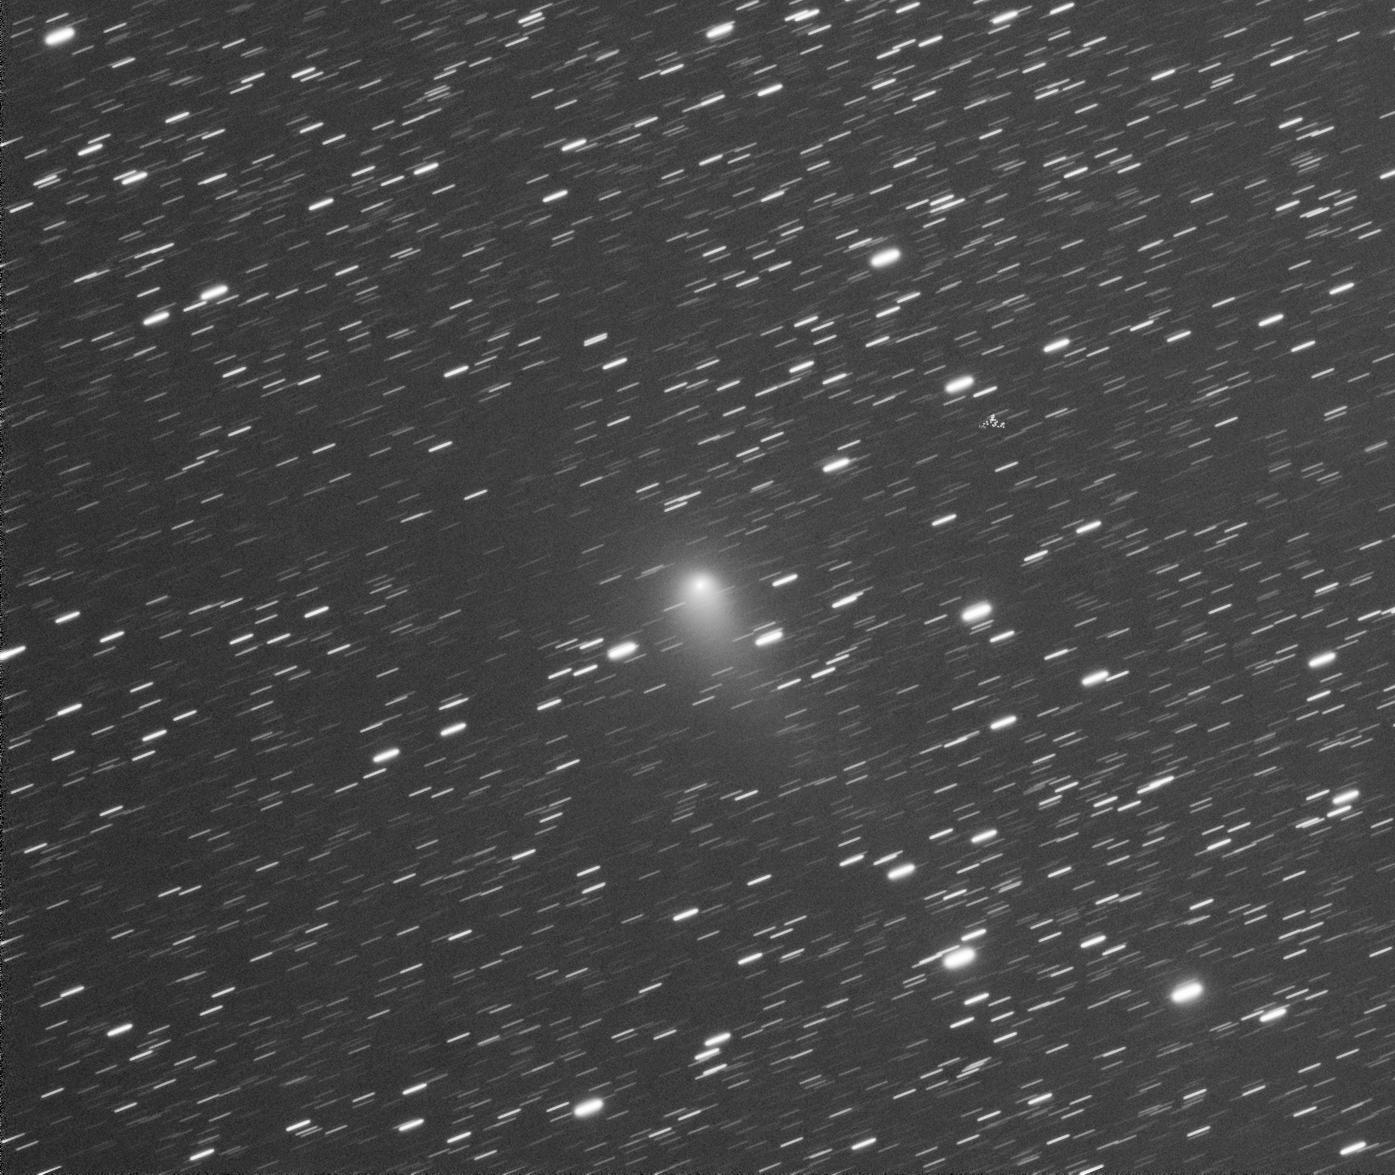 Comet 2017/T2 (PANSTARRS)